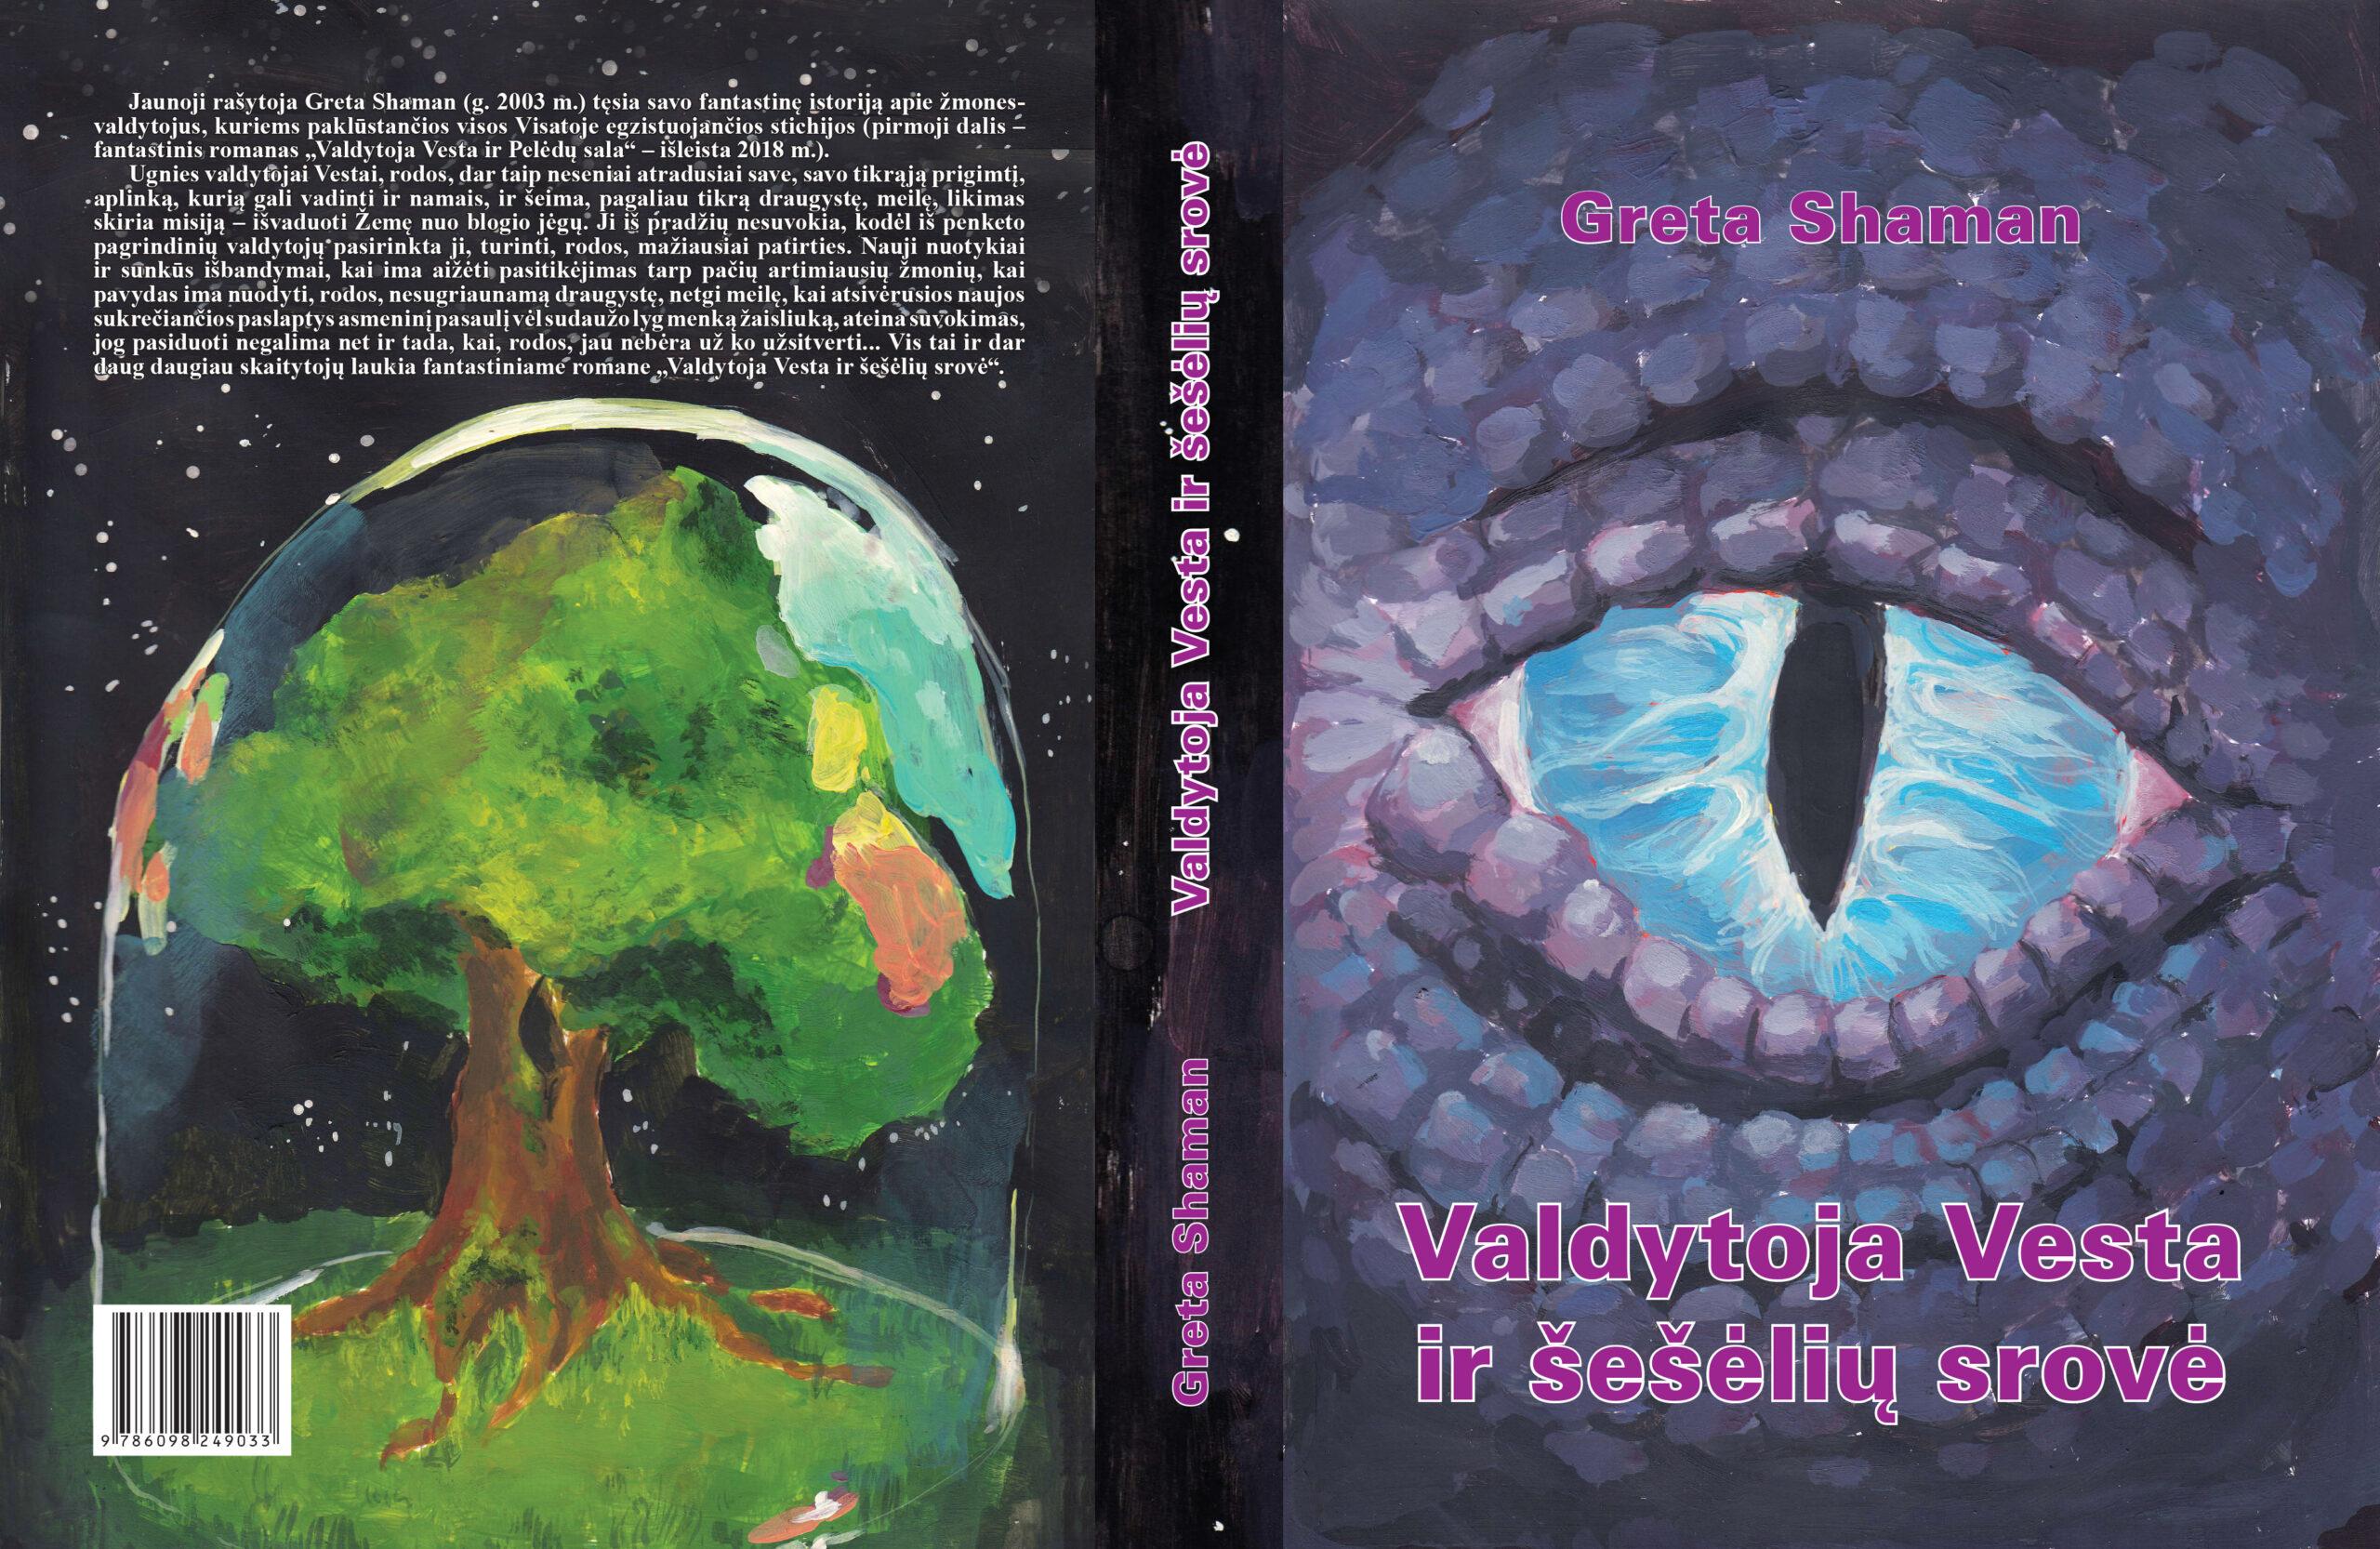 """Nuotykiai tęsiasi: naujas Gretos Shaman fantastinis romanas """"Valdytoja Vesta ir šešėlių srovė"""""""